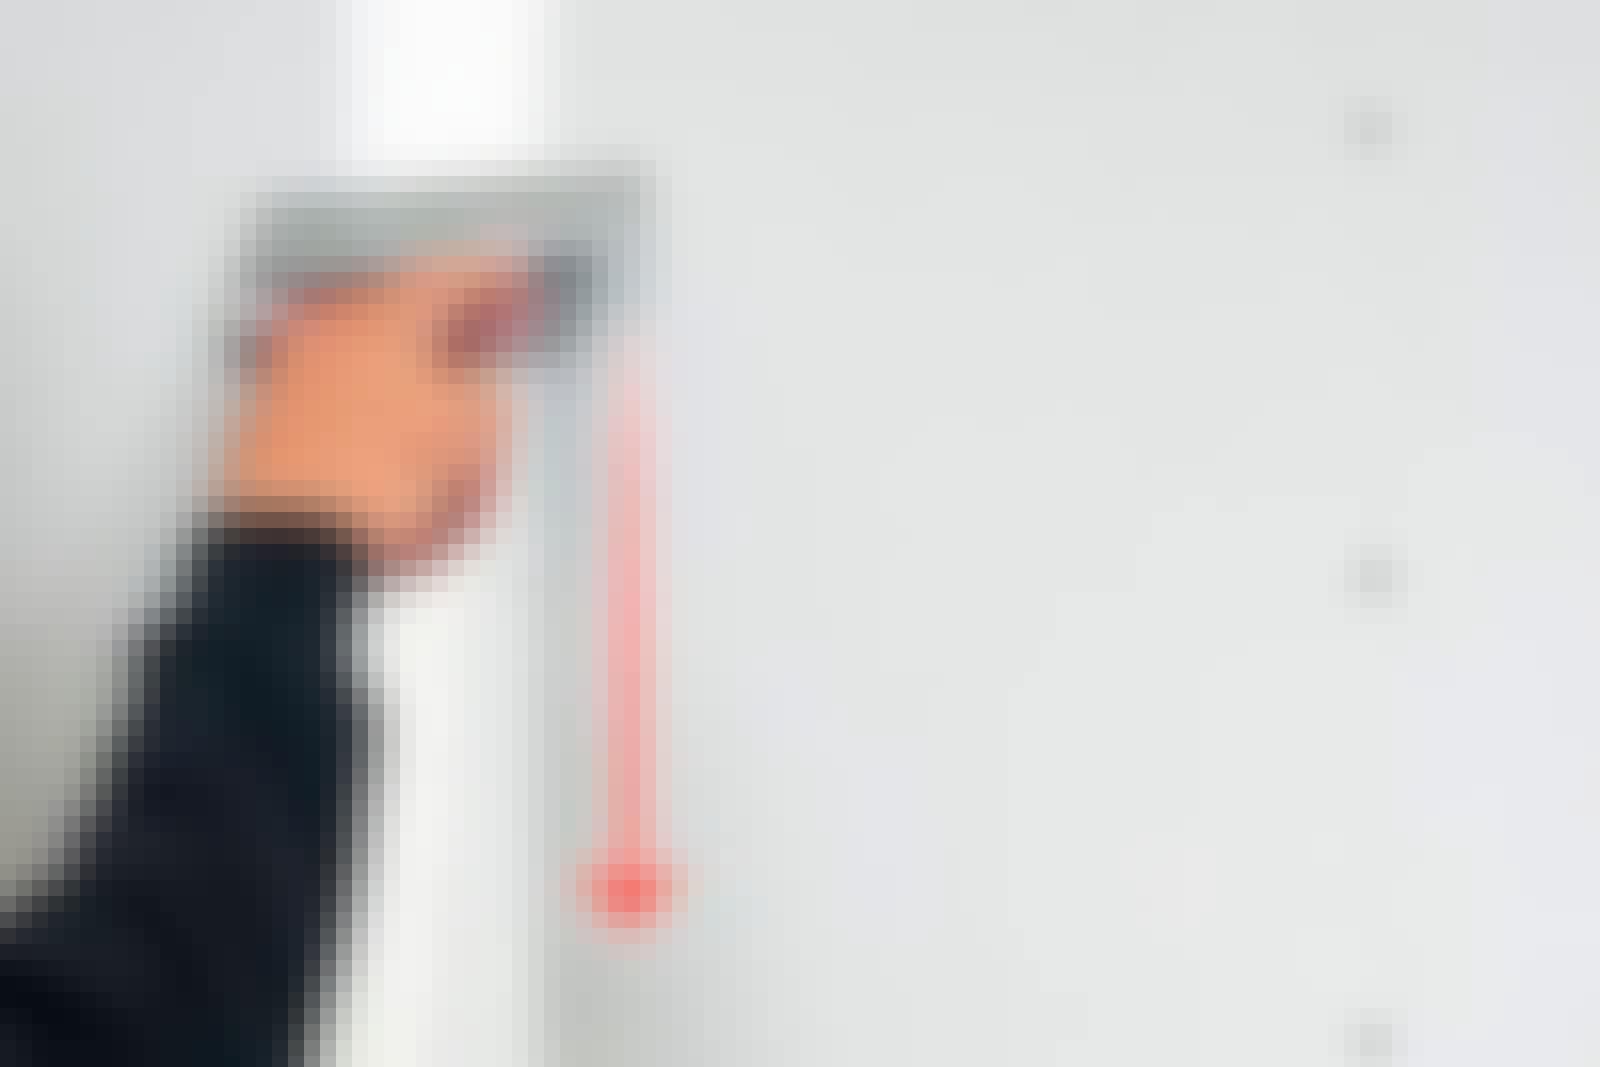 Sparkelmasse: Hvor lenge skal sparkelmasse tørke?